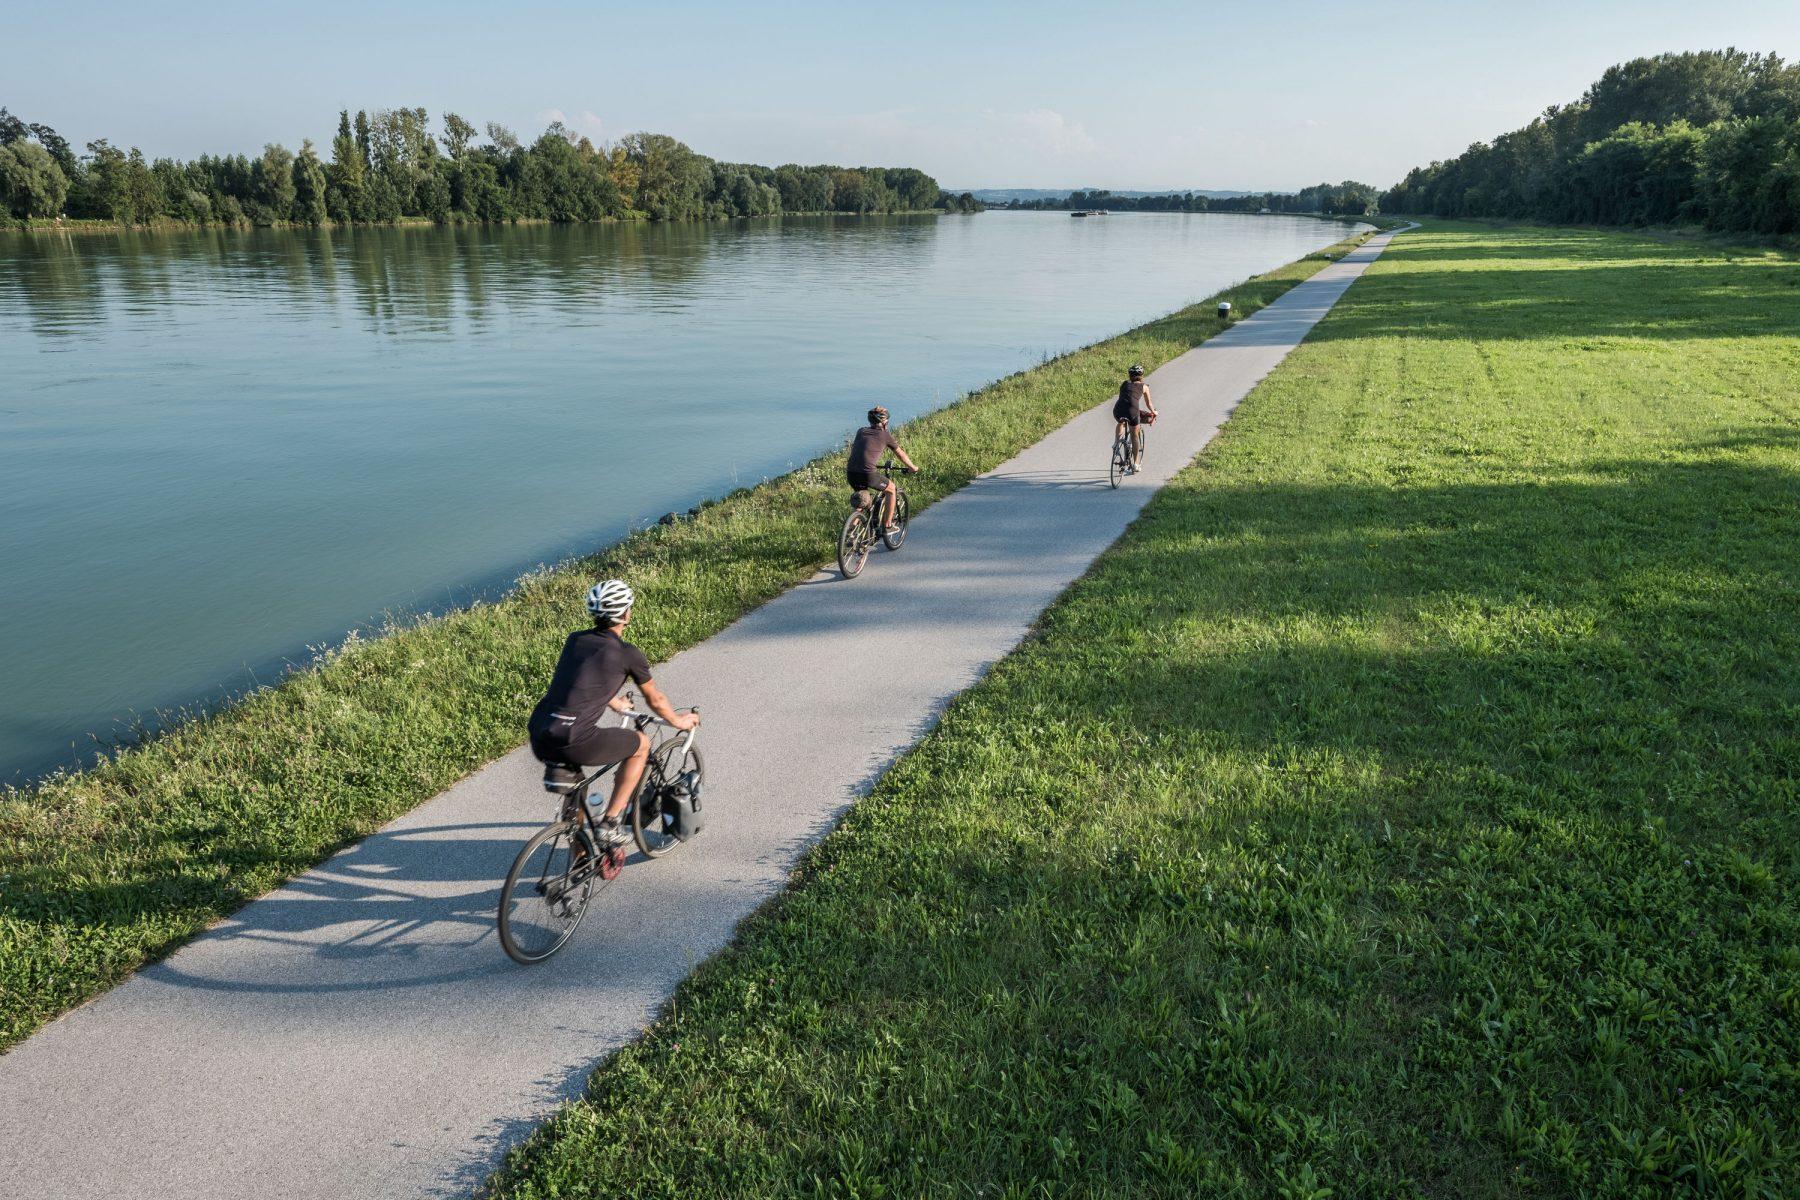 Pyöräilijöitä Tonavan pyörätiellä aivan veden äärellä.